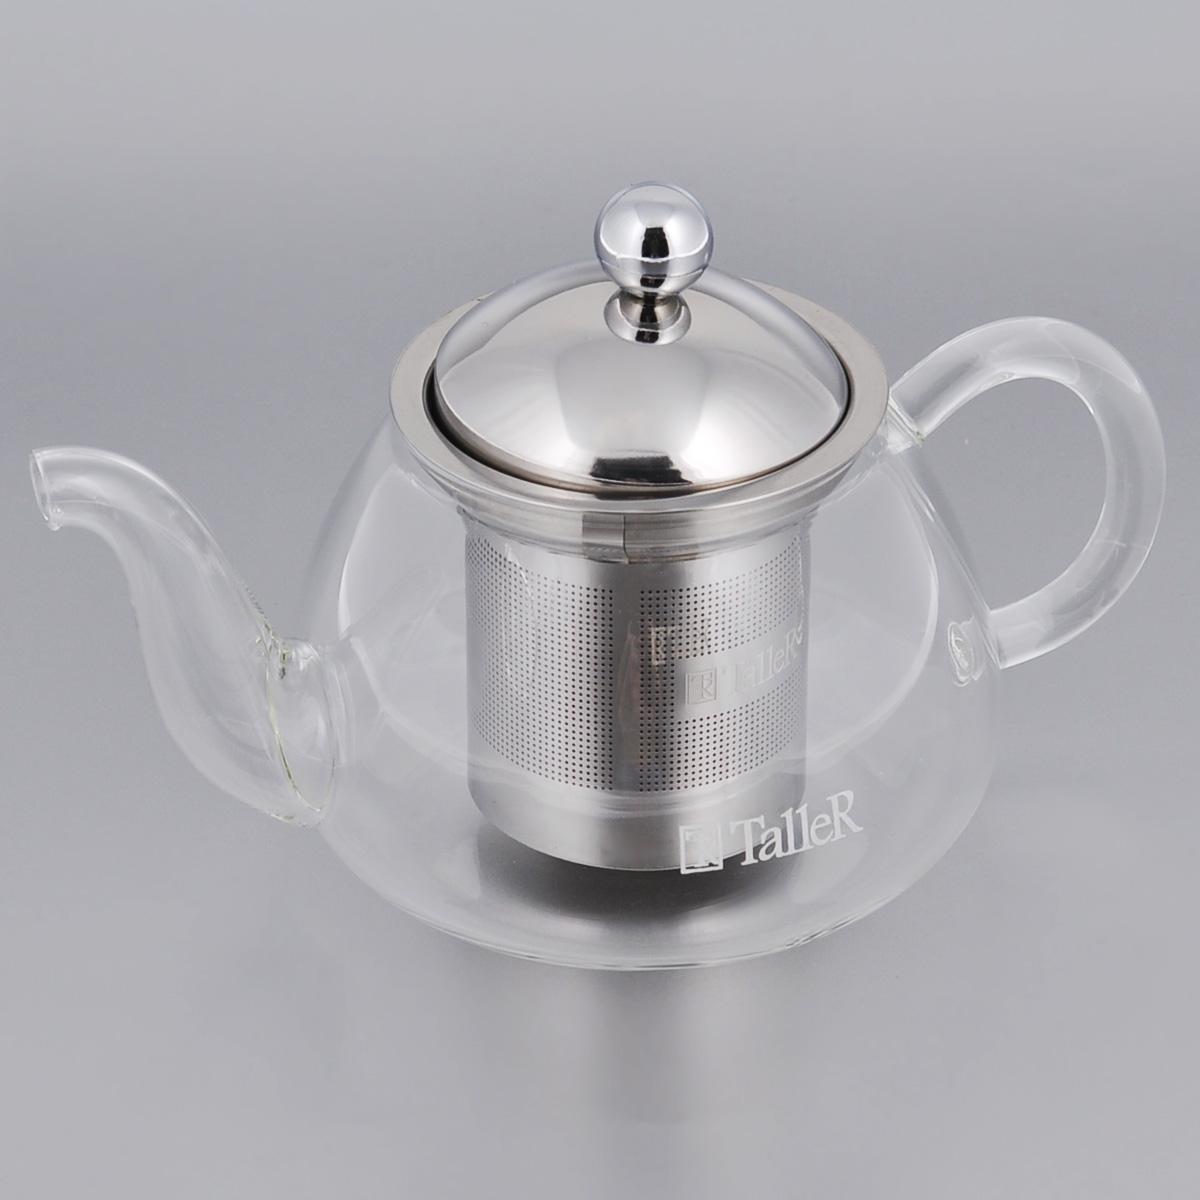 """Заварочный чайник Taller """"Hansen"""" изготовлен из жаропрочного боросиликатного стекла. Крышка и ситечко выполнены из высококачественной нержавеющей стали 18/10. Чайник идеален для приготовления кофе, чая, тонизирующих и расслабляющих напитков. Удобная ручка не нагревается. Съемный фильтр для заваривания удобен в использовании. Форма края носика препятствует образованию подтеков. Разборная конструкция позволяет легко мыть чайник. Подходит для мытья в посудомоечной машине.Диаметр чайника (по верхнему краю): 8 см. Высота чайника (без учета крышки): 8 см. Высота ситечка: 7,5 см."""